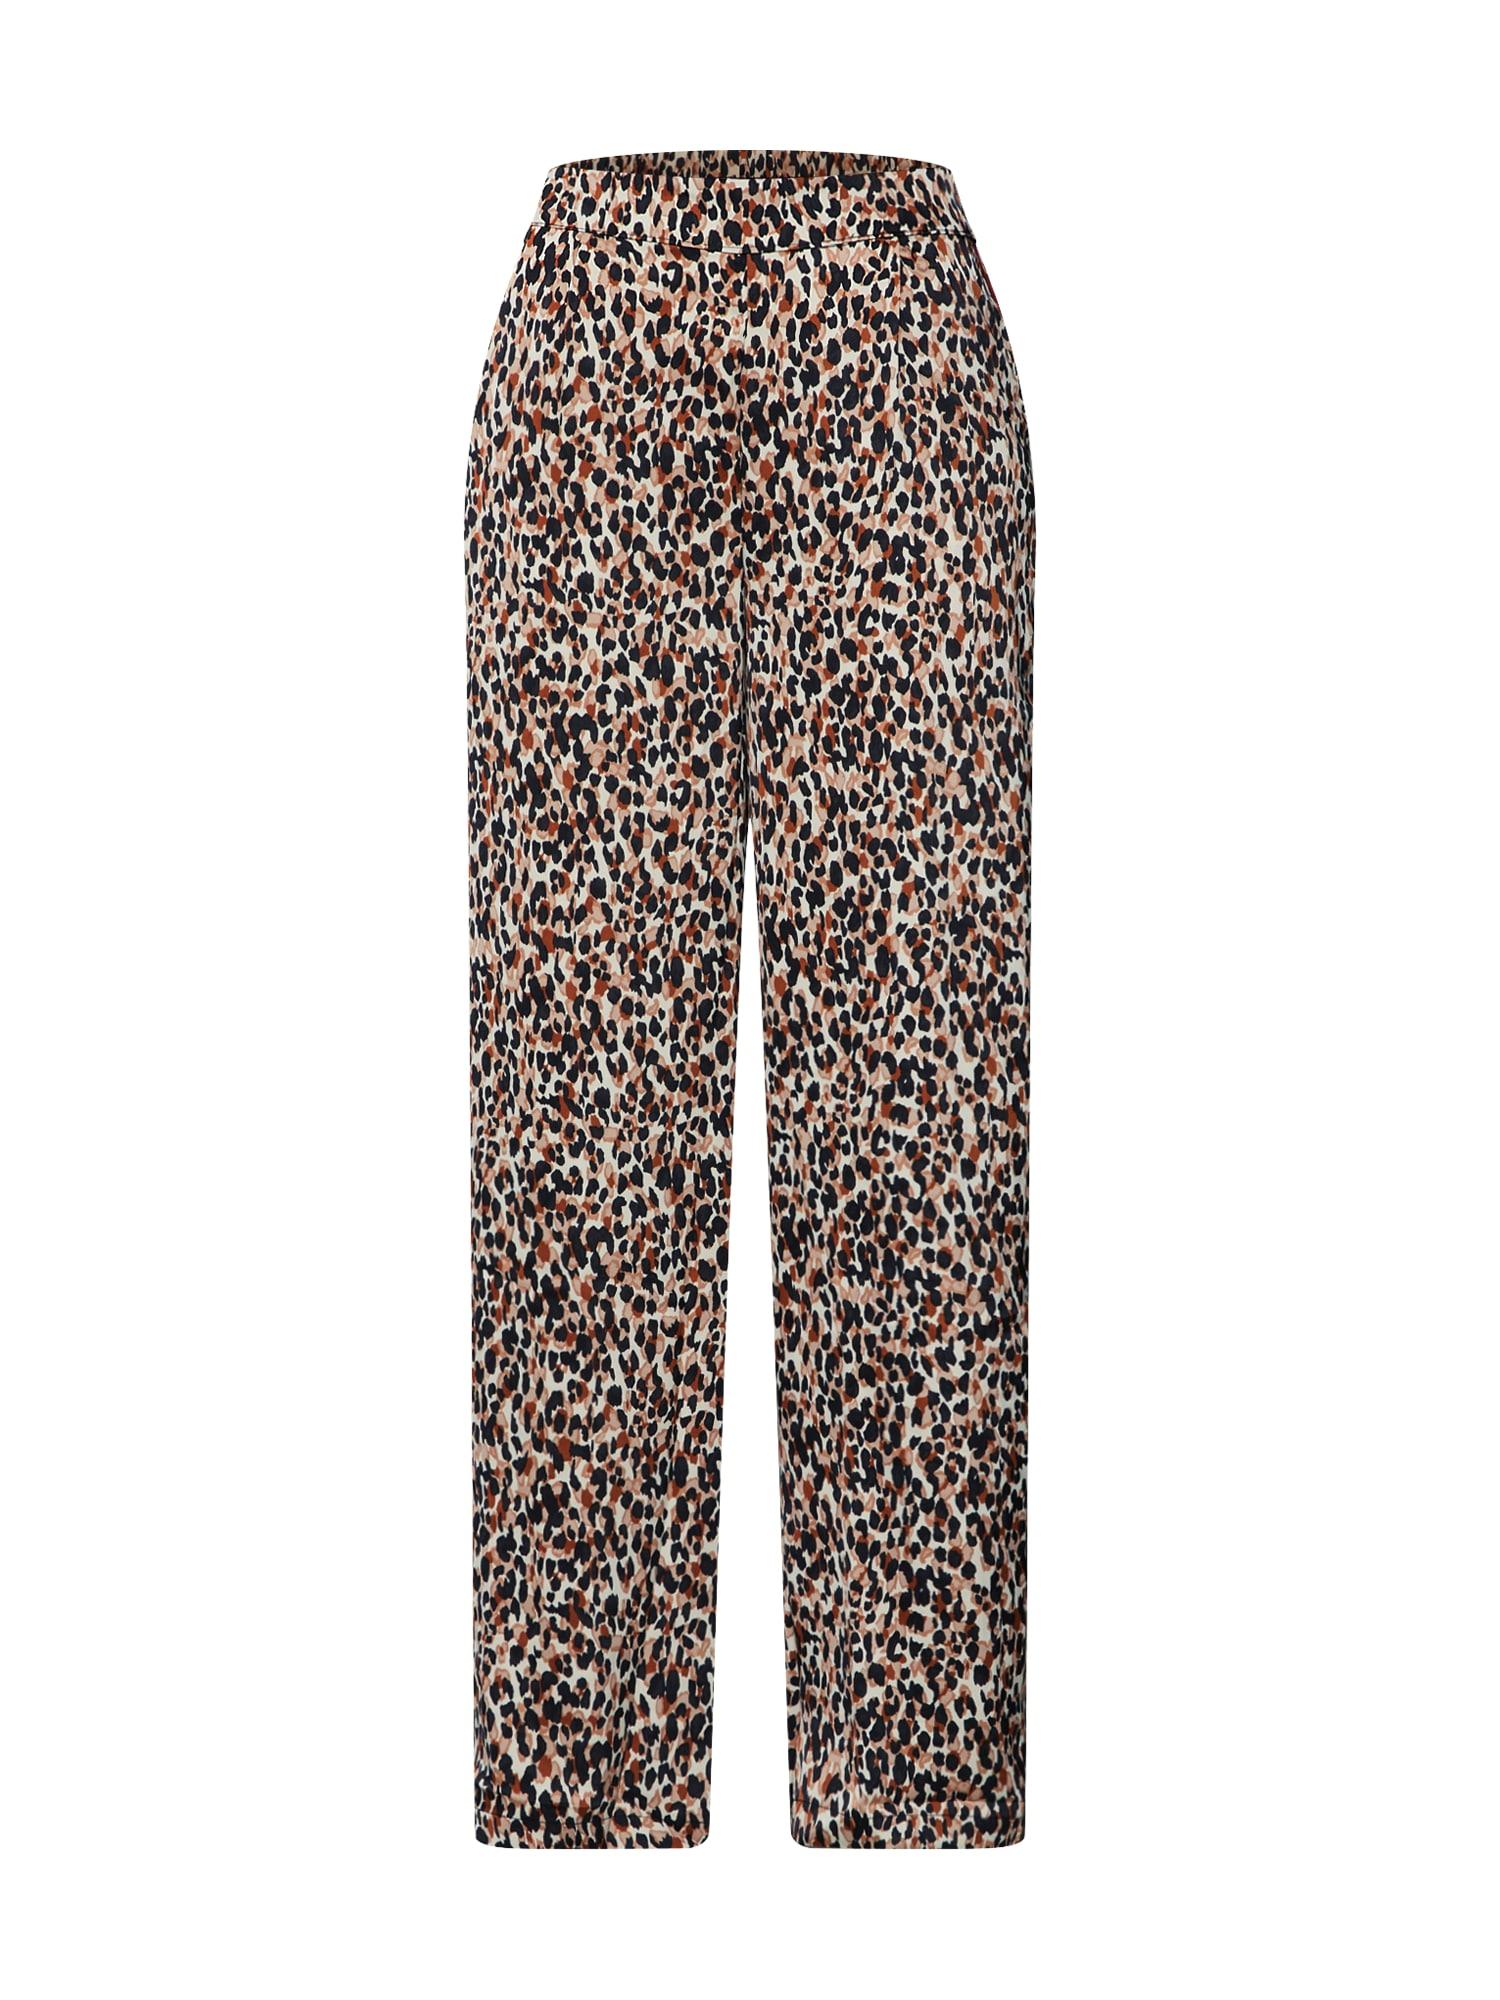 Kalhoty se sklady v pase DANNA krémová mix barev ONLY